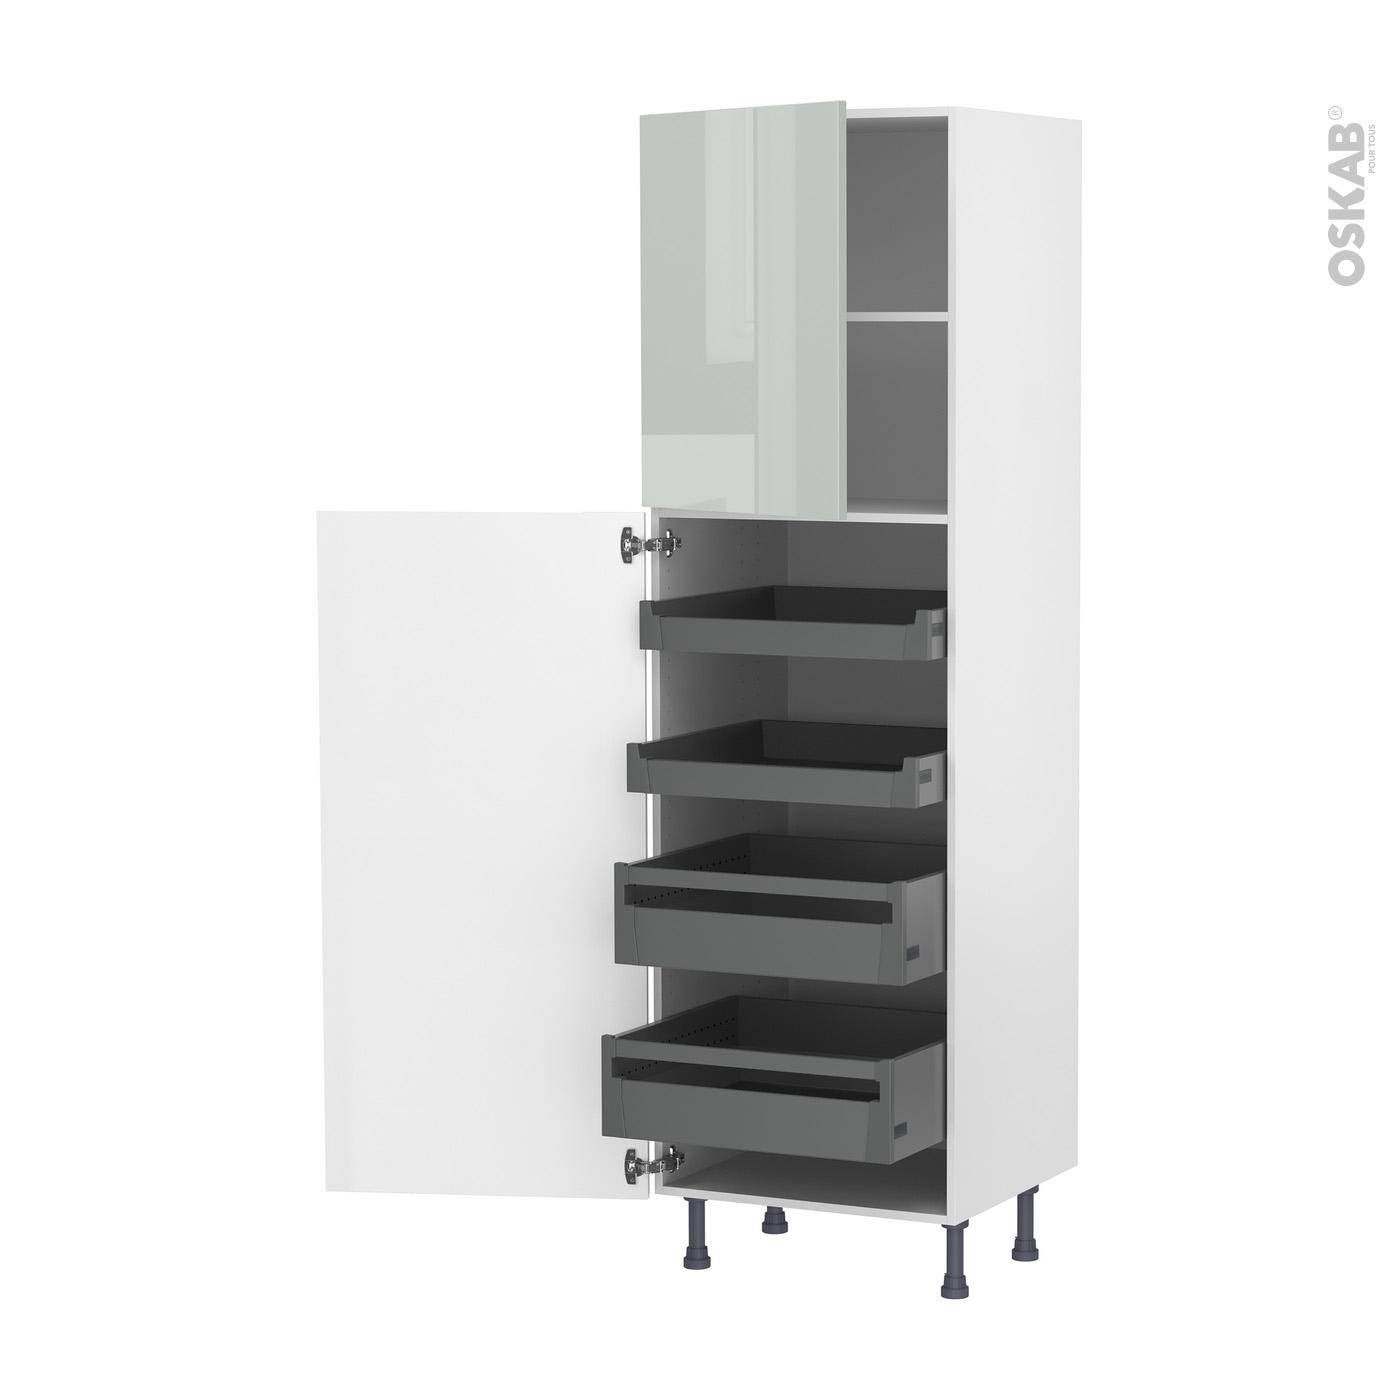 colonne de cuisine n 2127 armoire de rangement ivia gris 4 tiroirs a l anglaise l60 x h195 x p58 cm